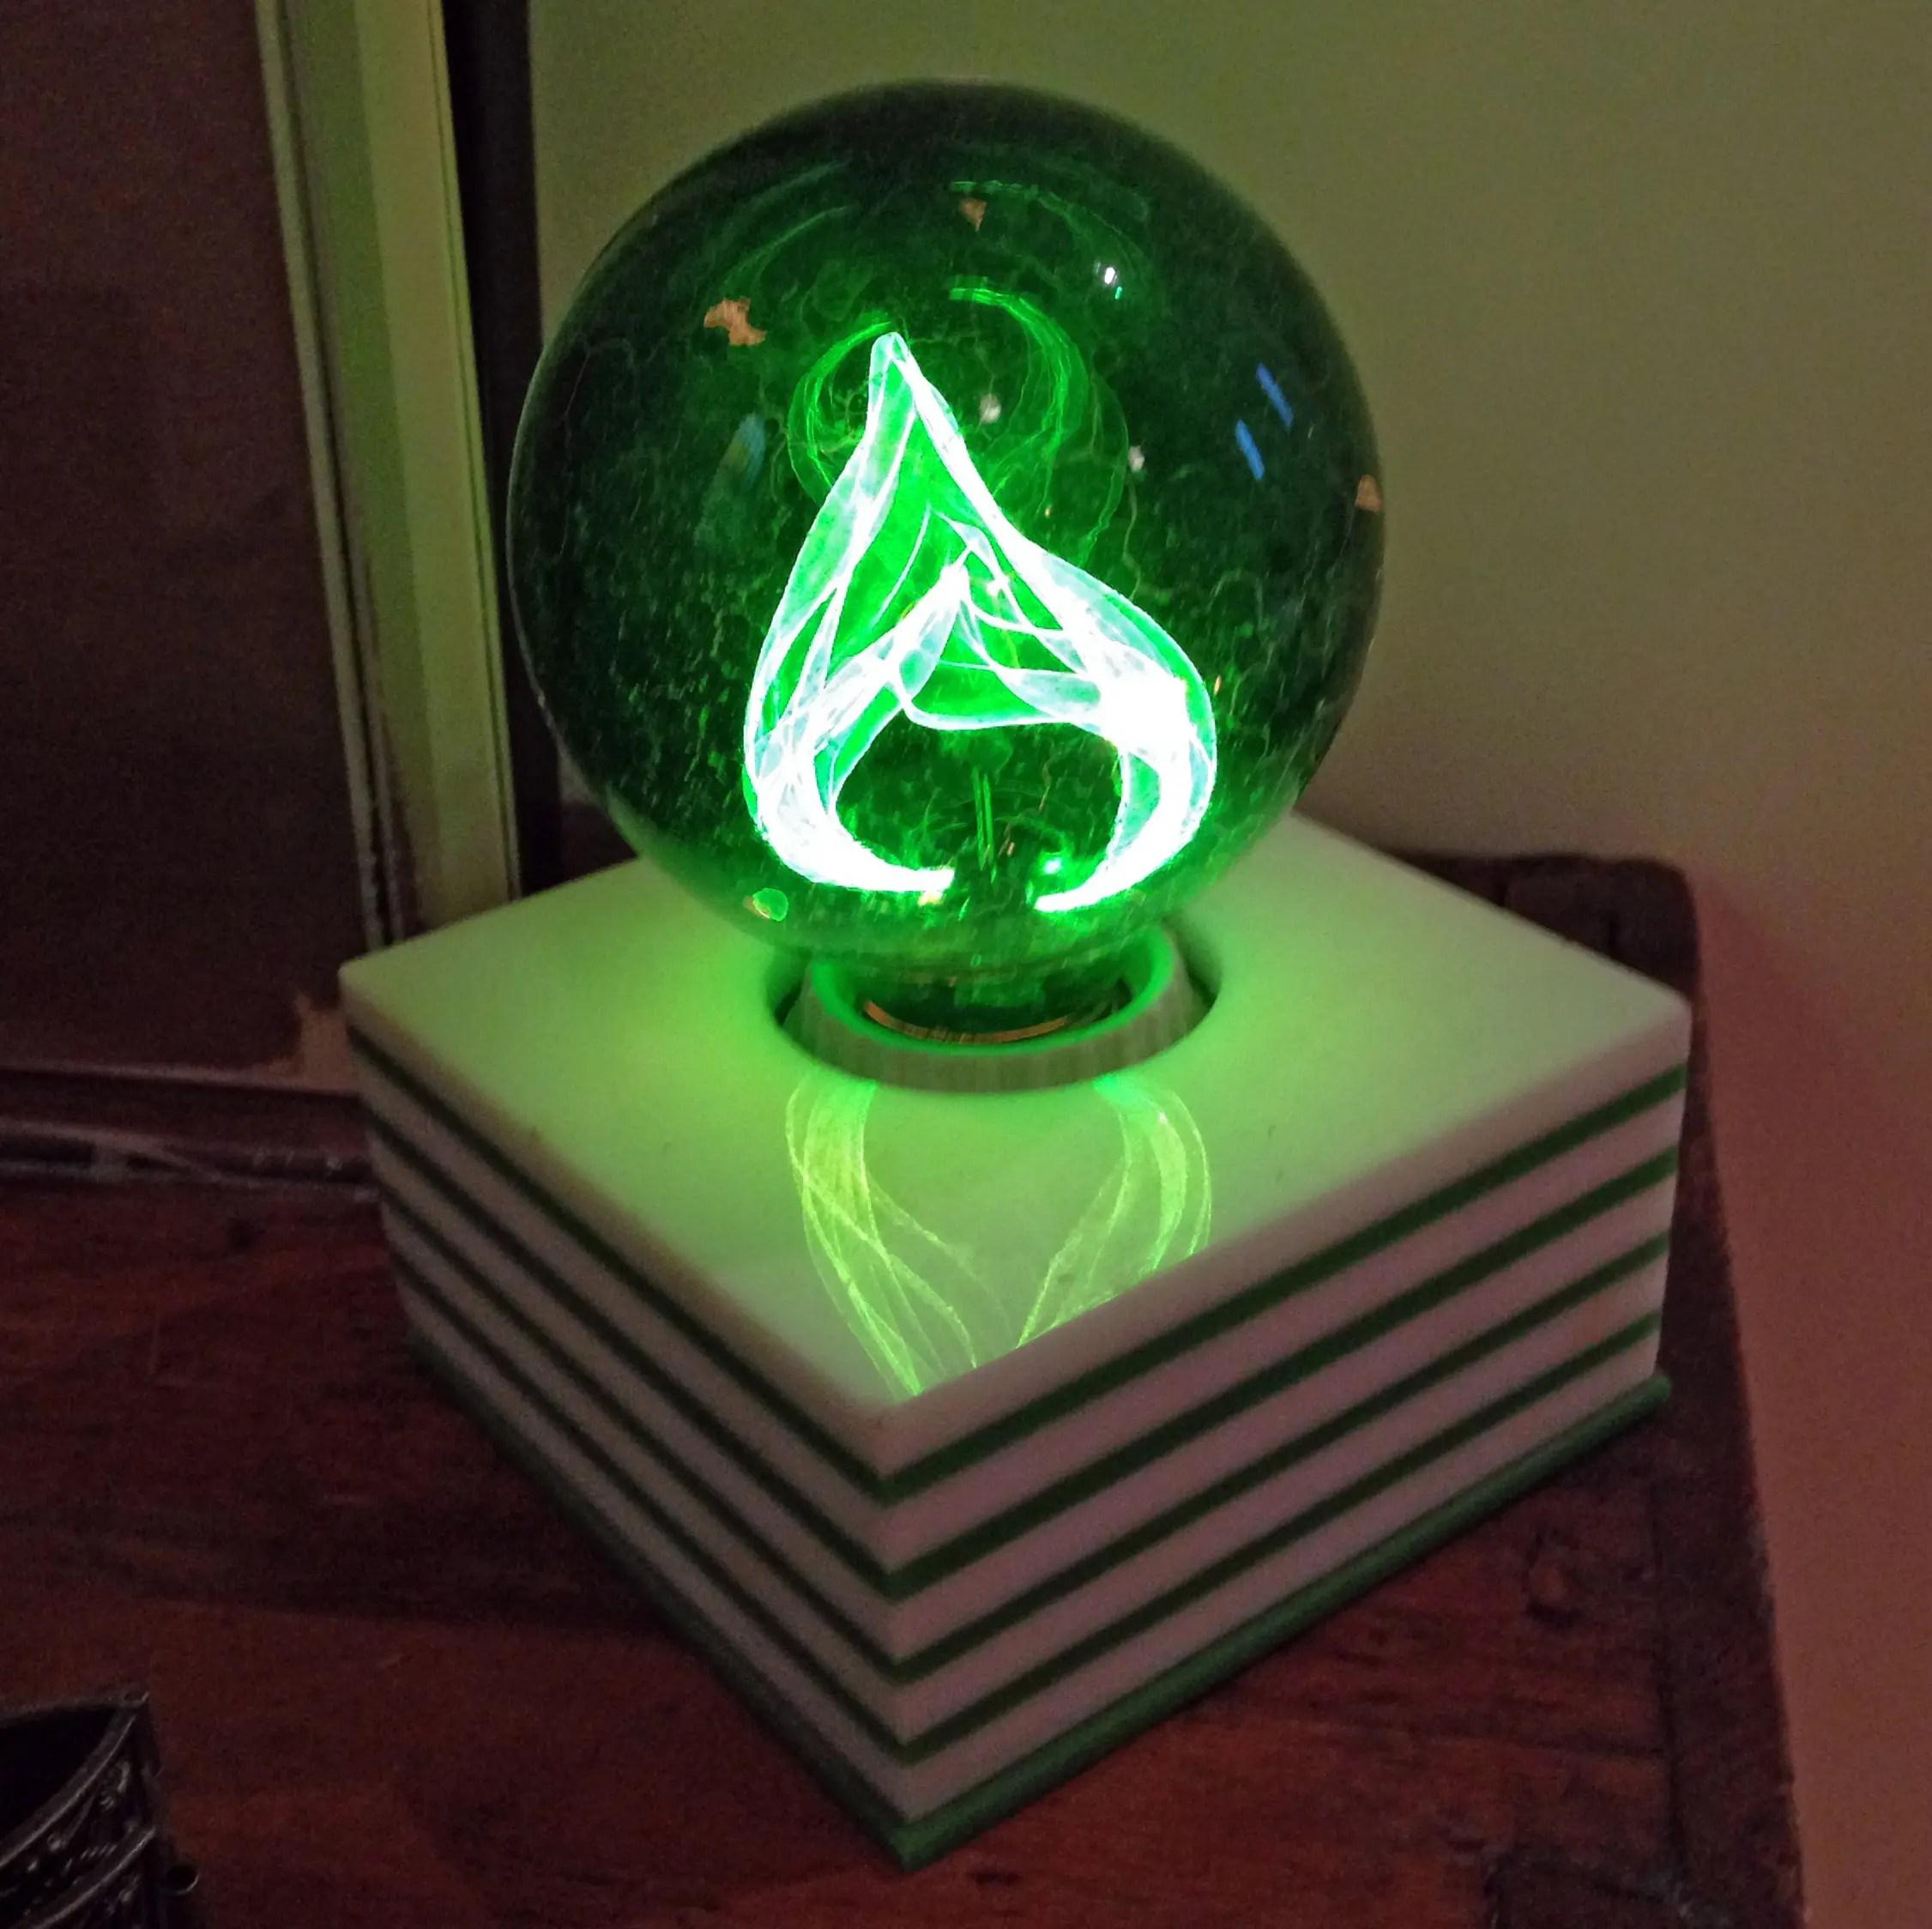 Flicker Light Bulbs